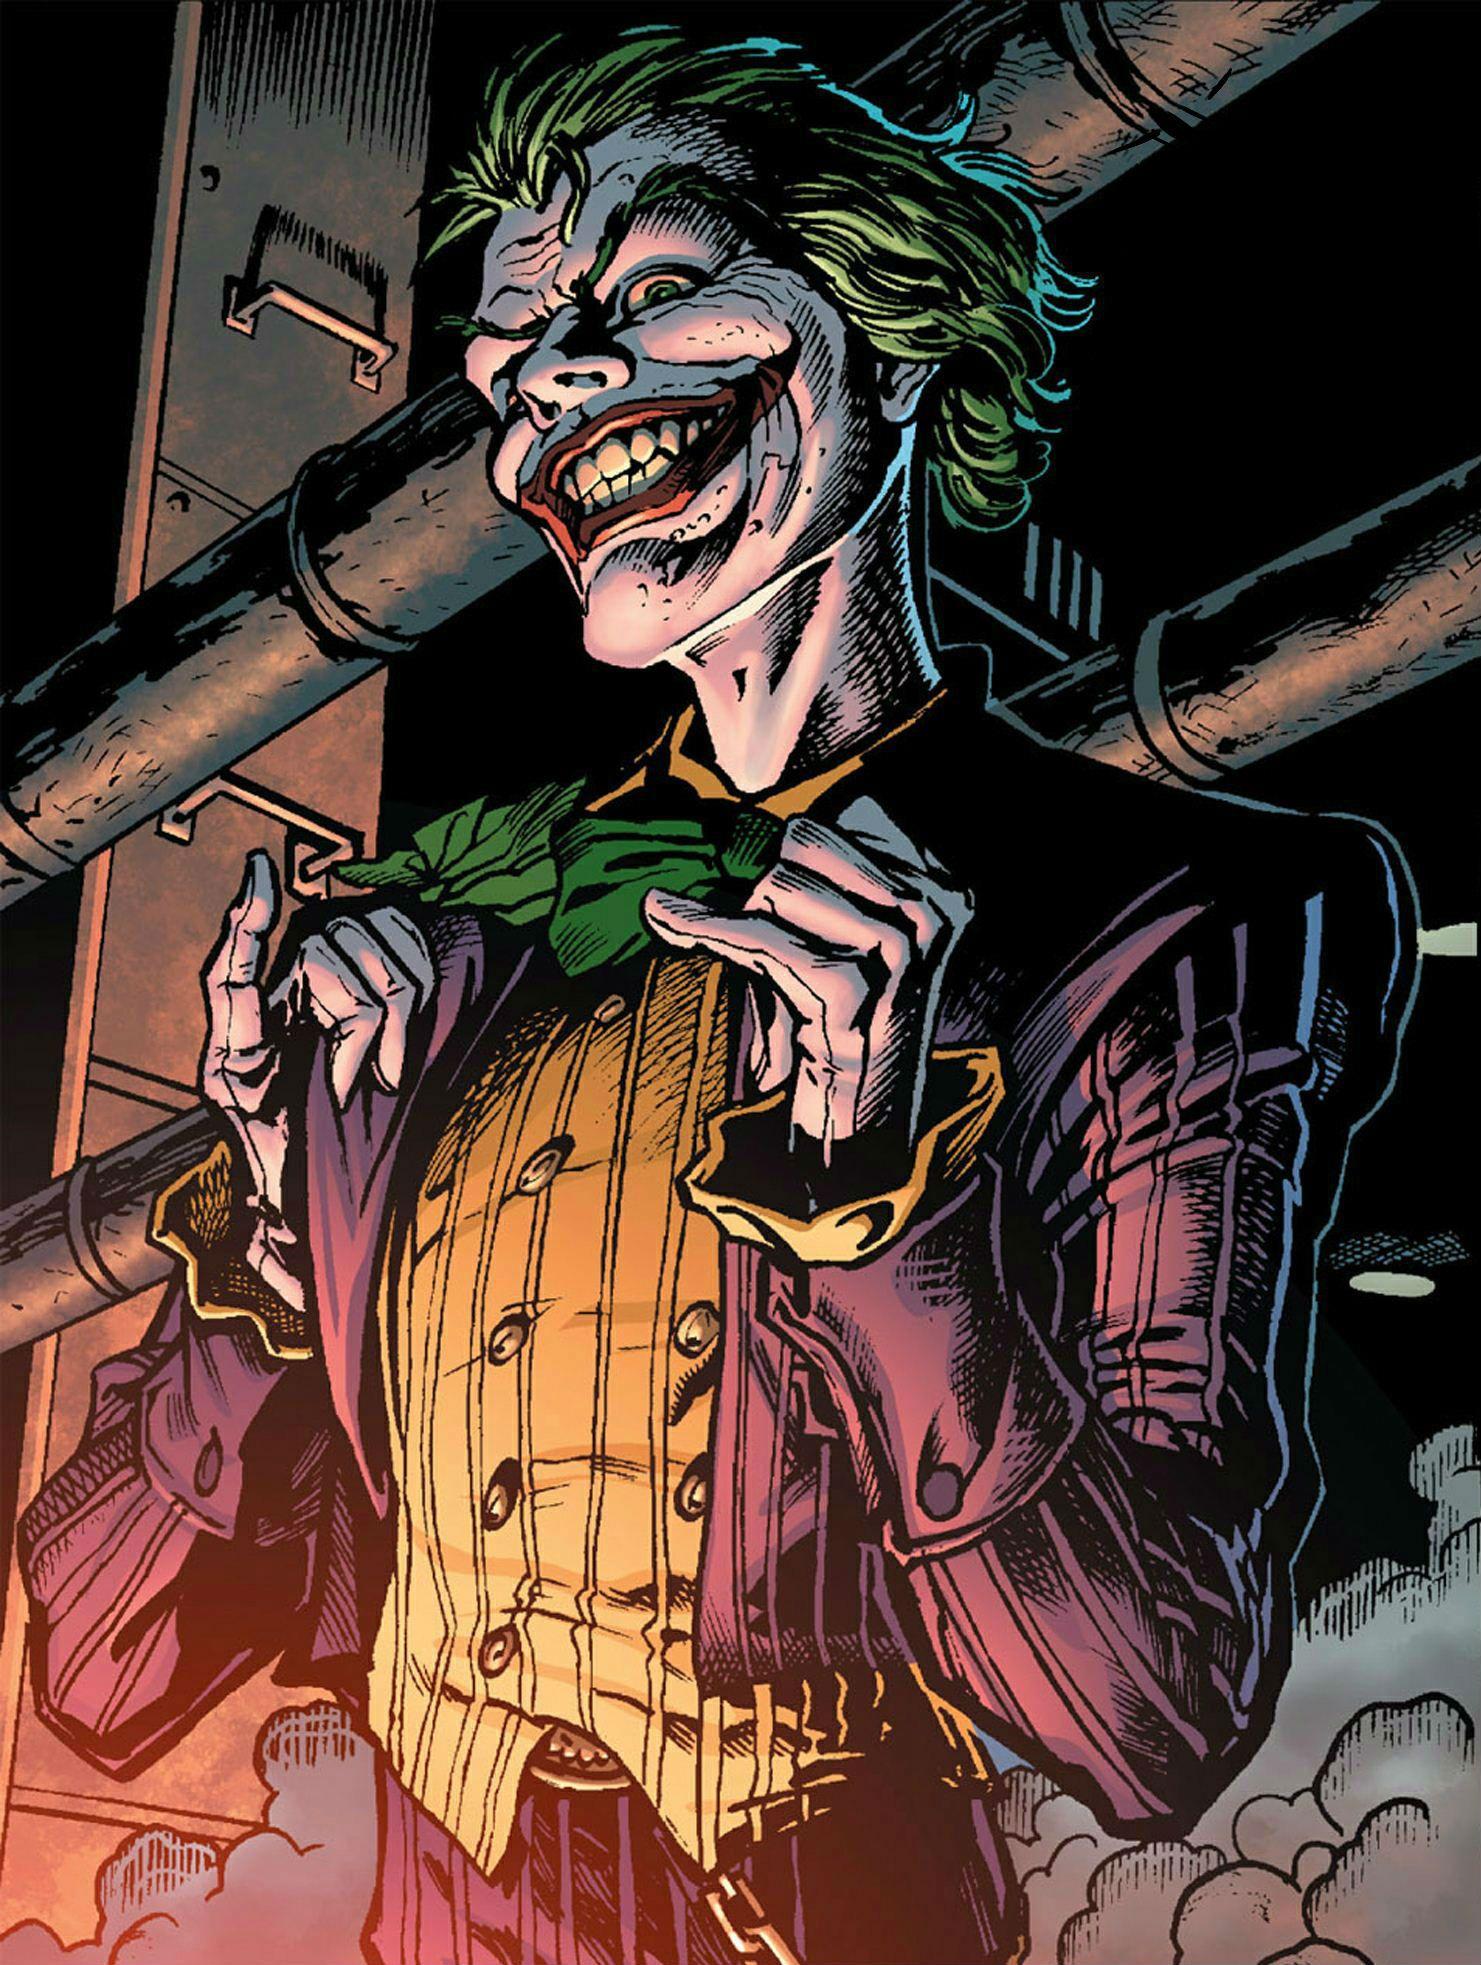 картинка джокера из комиксов костюм летучей